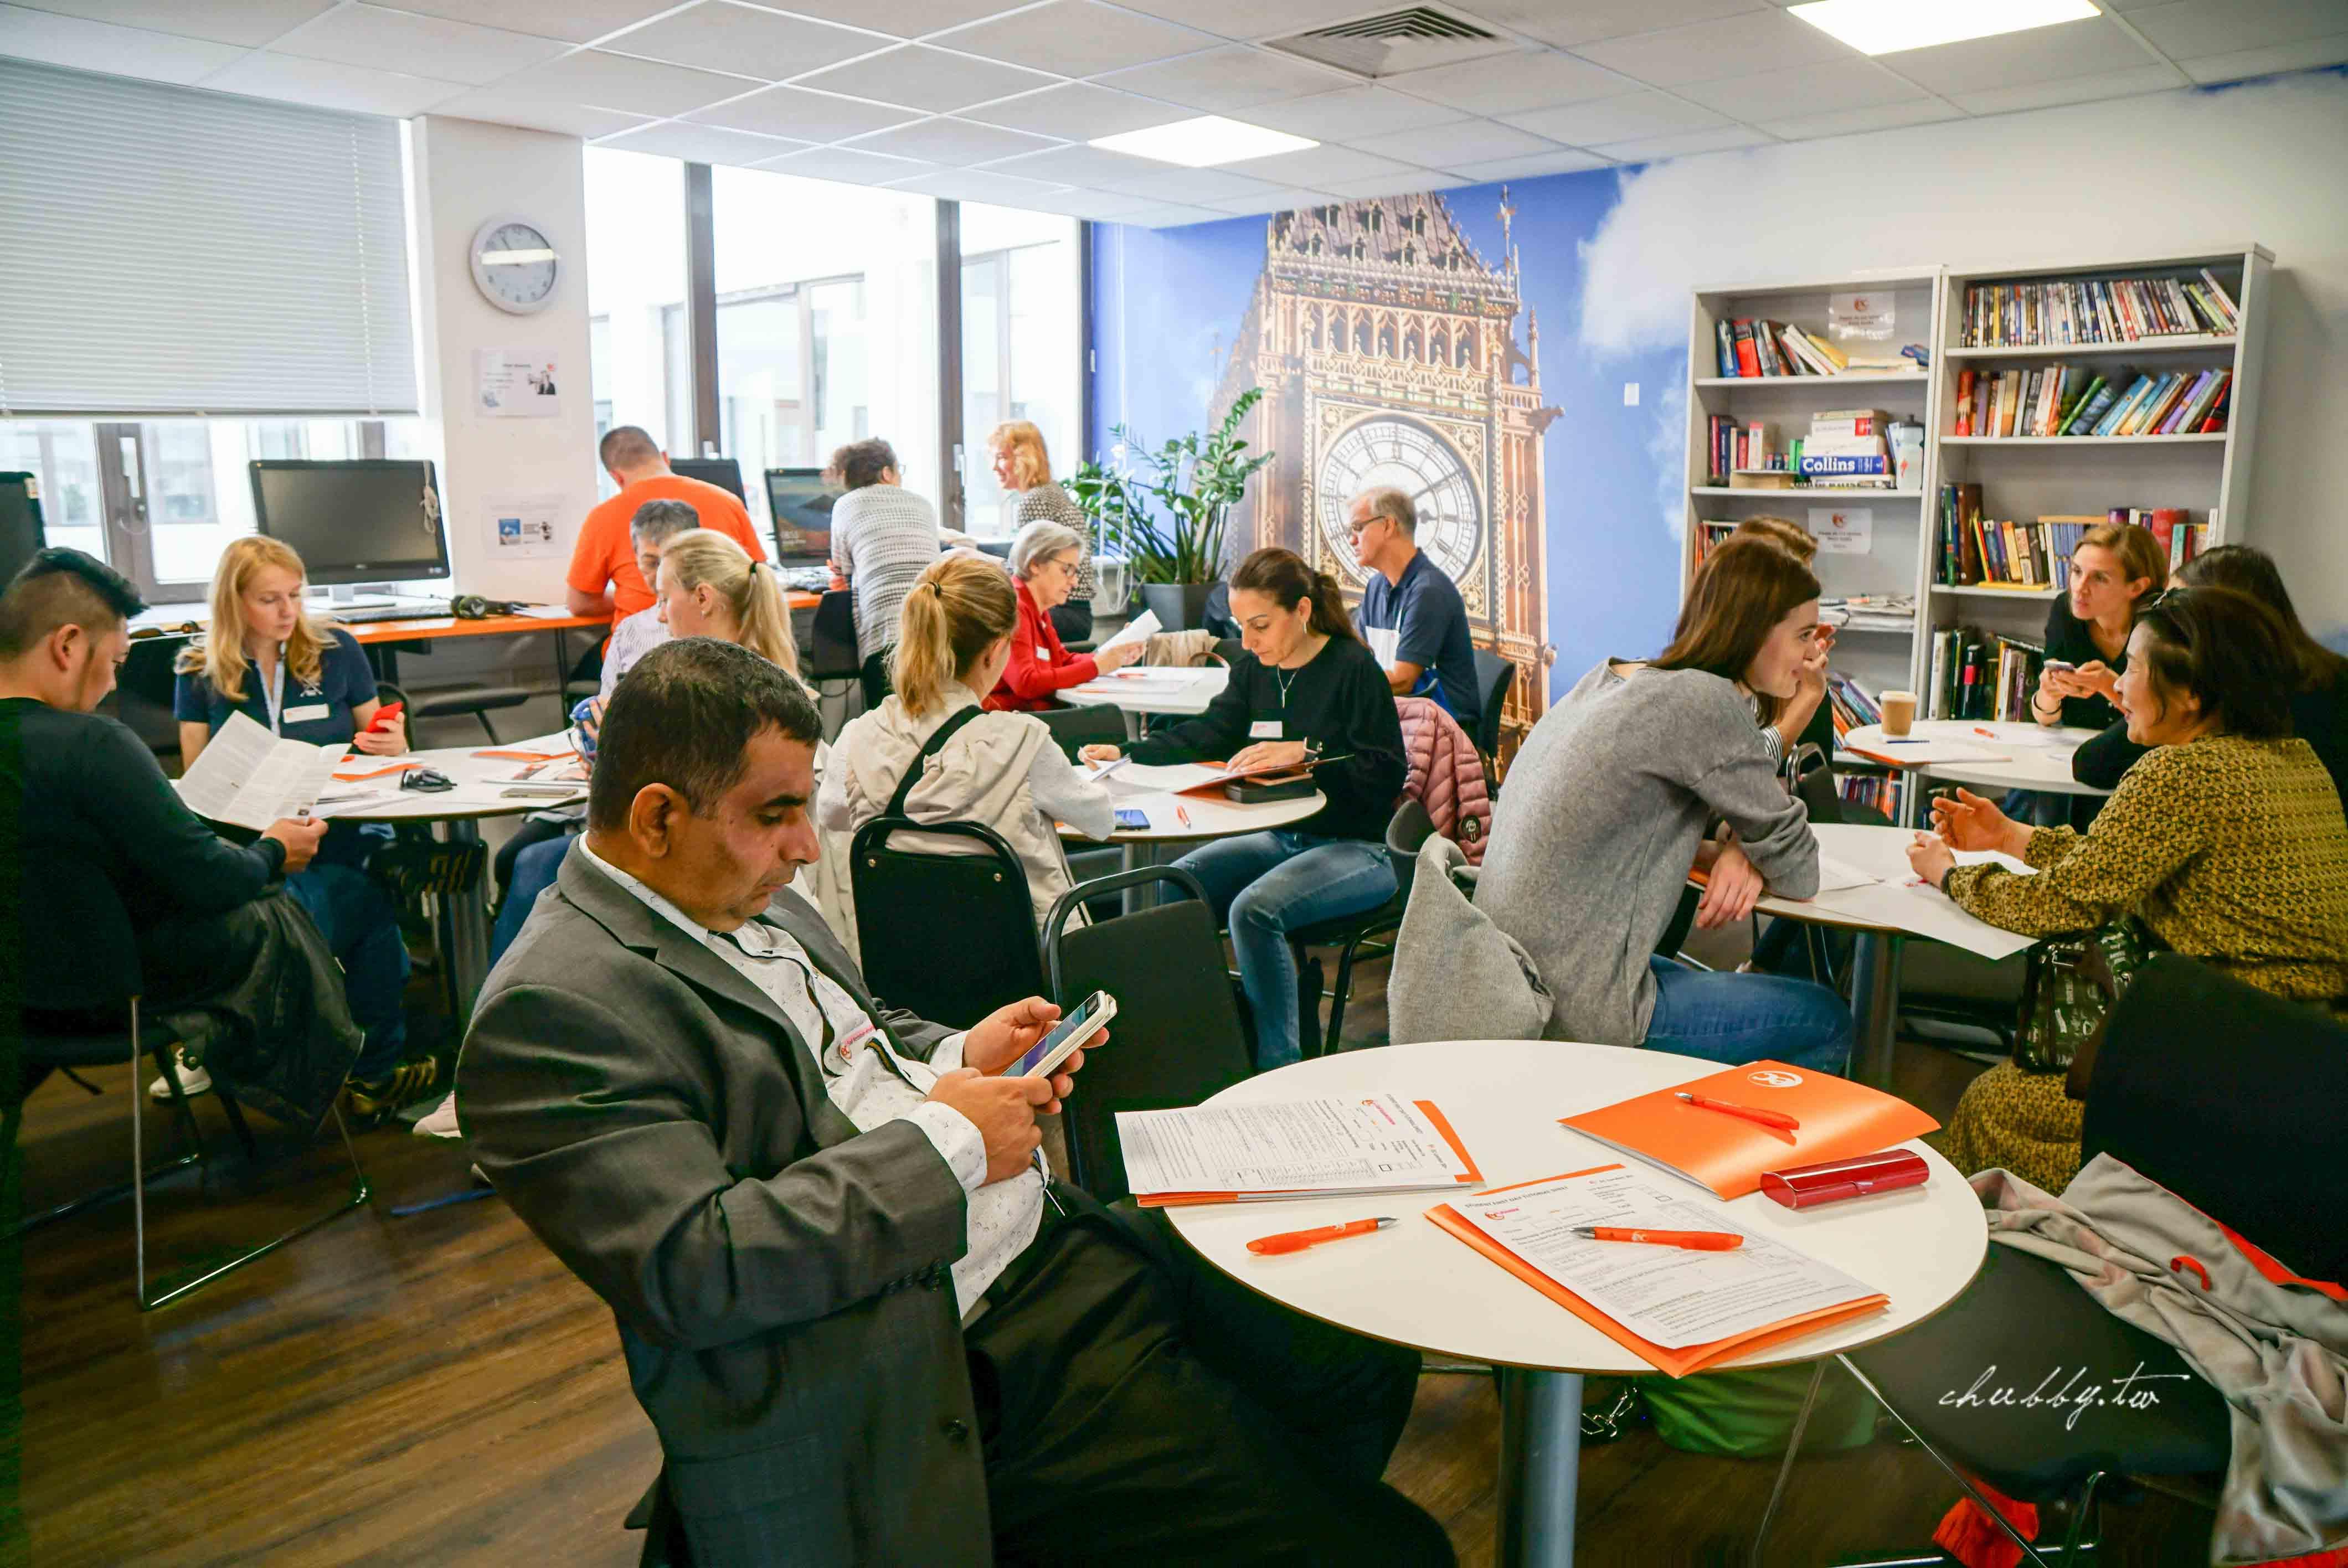 英國遊學心得│倫敦語言學校 EC LONDON心得分享:校園環境、課程、地點,英國遊學首選!